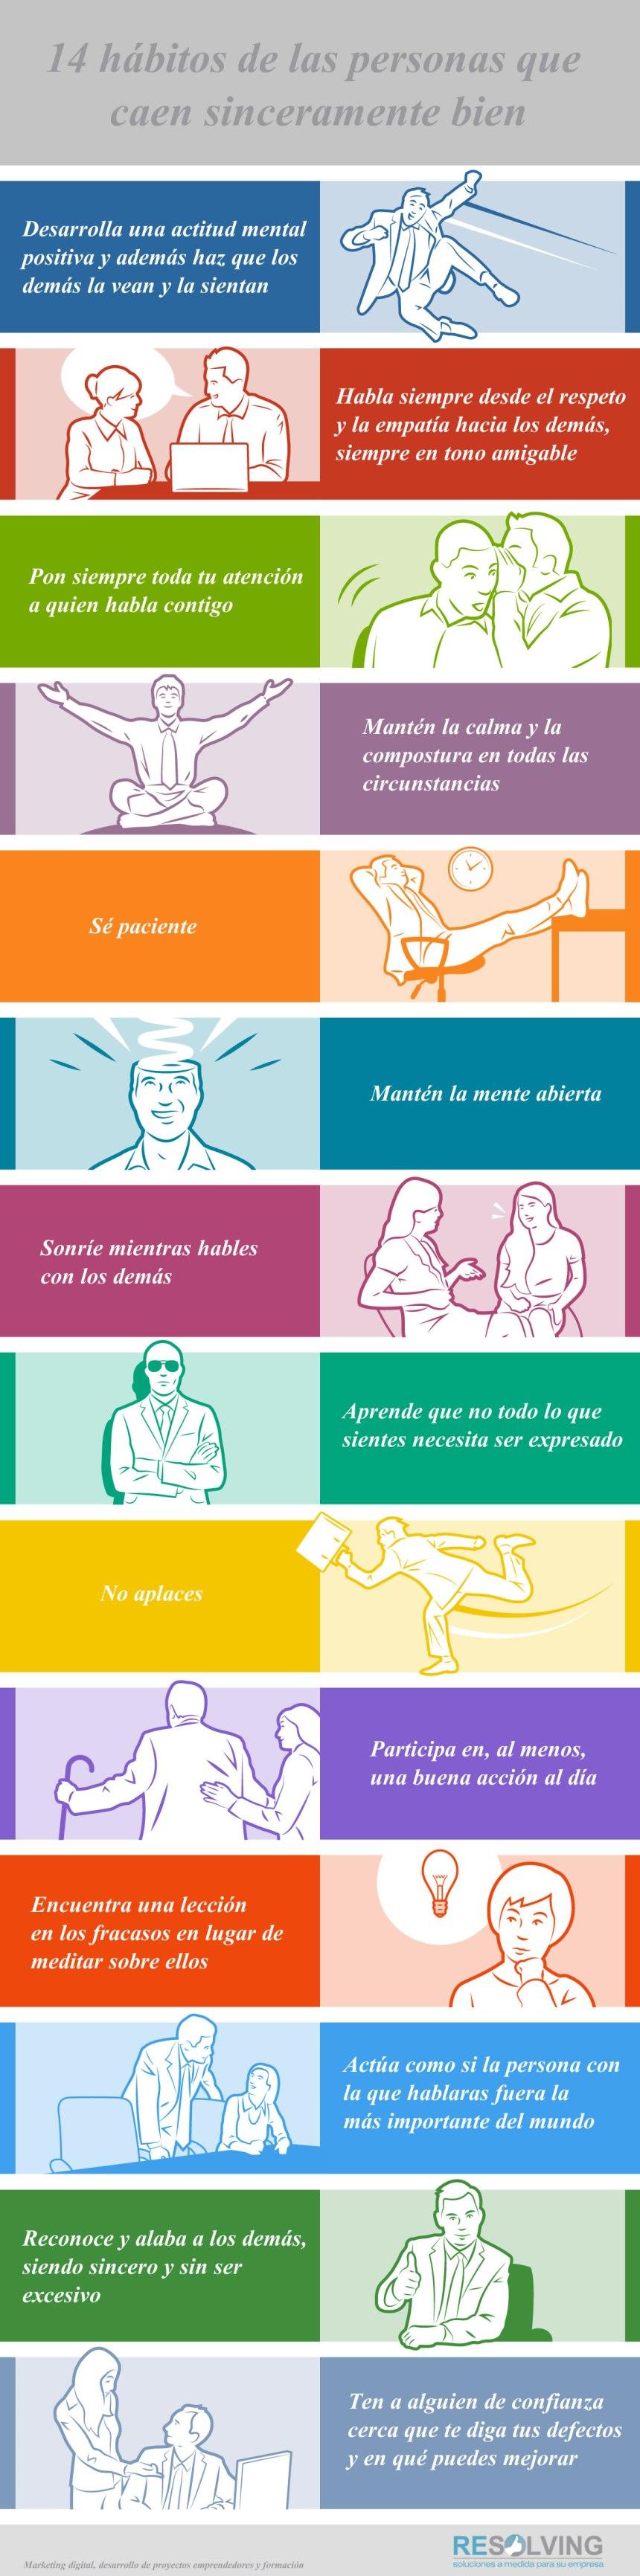 14 hábitos de las personas que caen sinceramente bien